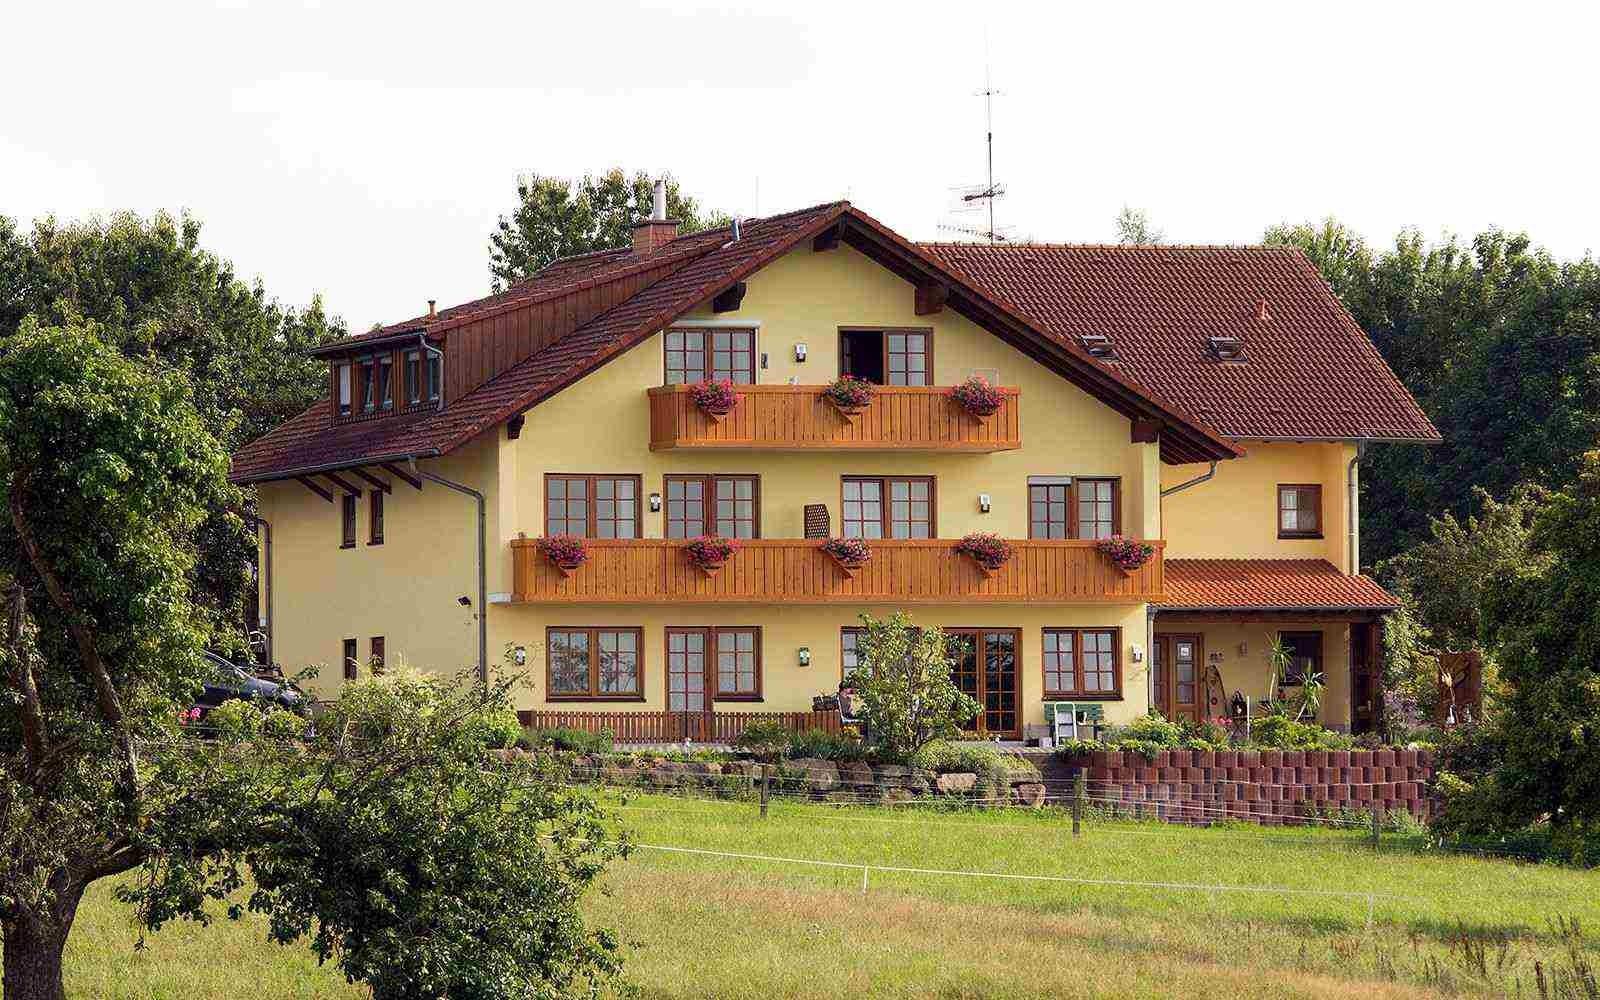 Landhaus Weber Momart